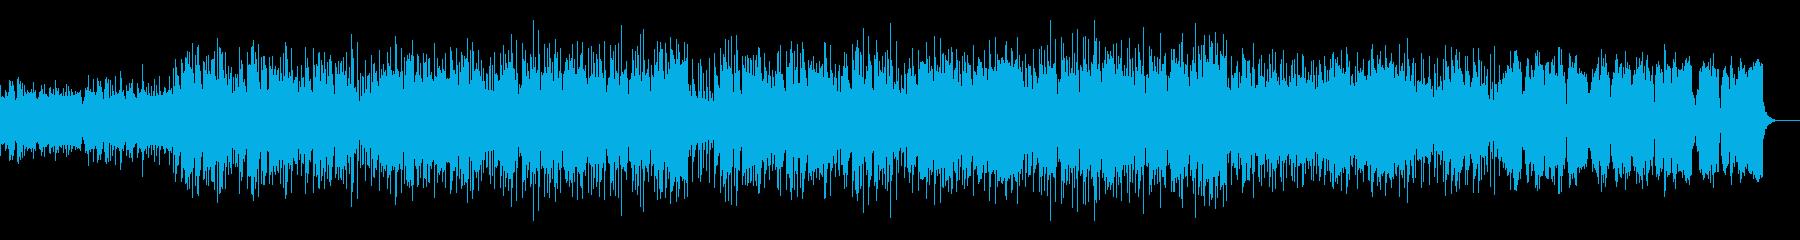 秋から冬向けの切ないバラードの再生済みの波形